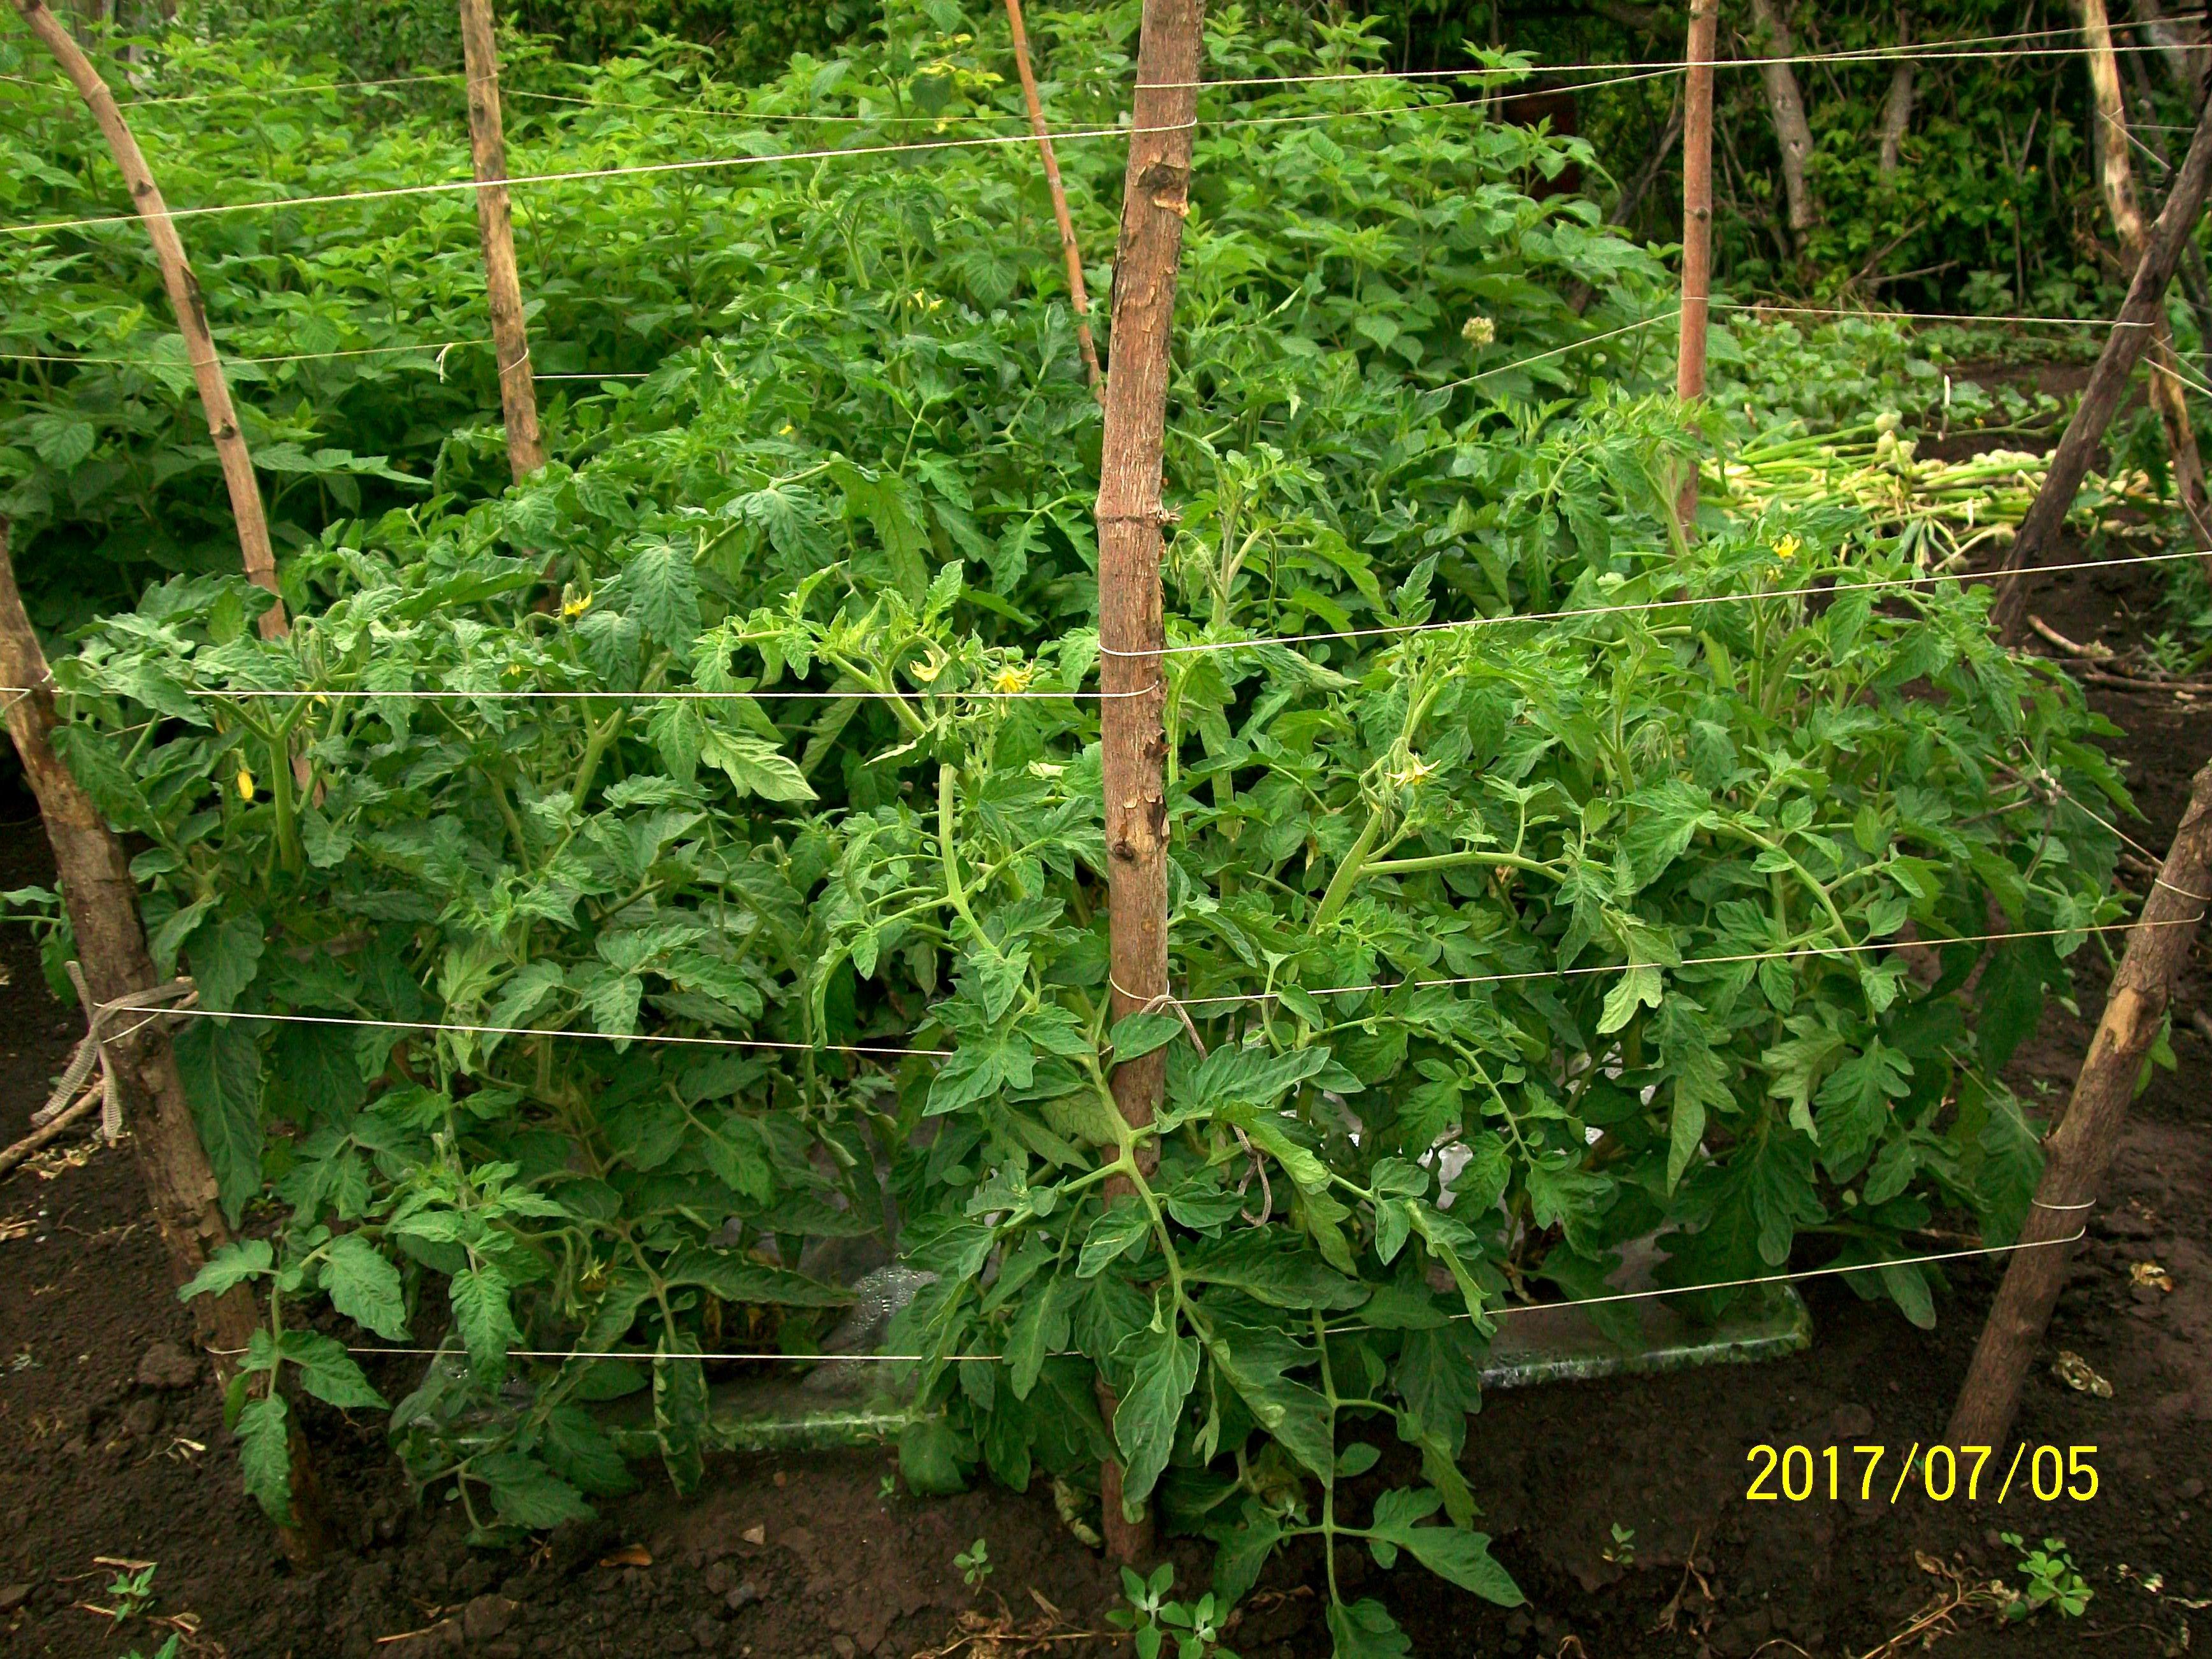 Томаты в агропанелях выросли до метрового роста, начали обоазовываться прервые плоды.. Начало июля 2017, Уфа.